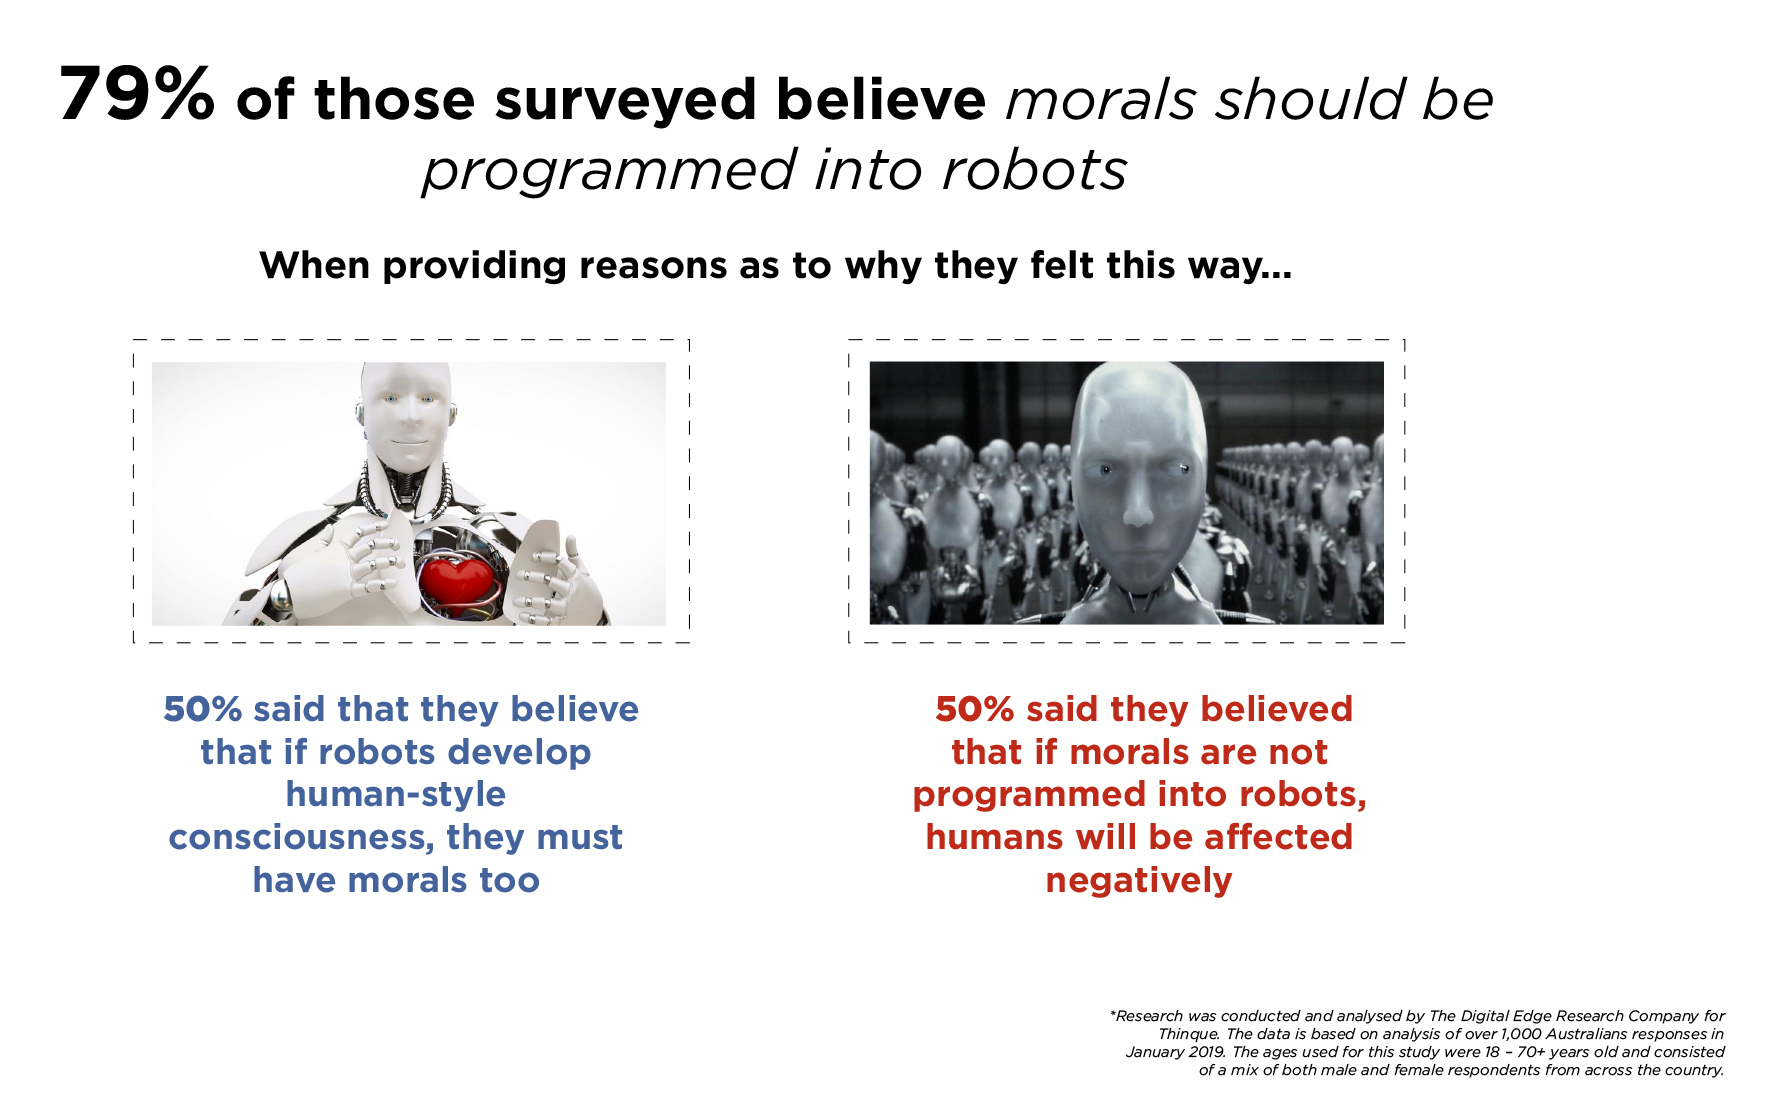 Revised Morals